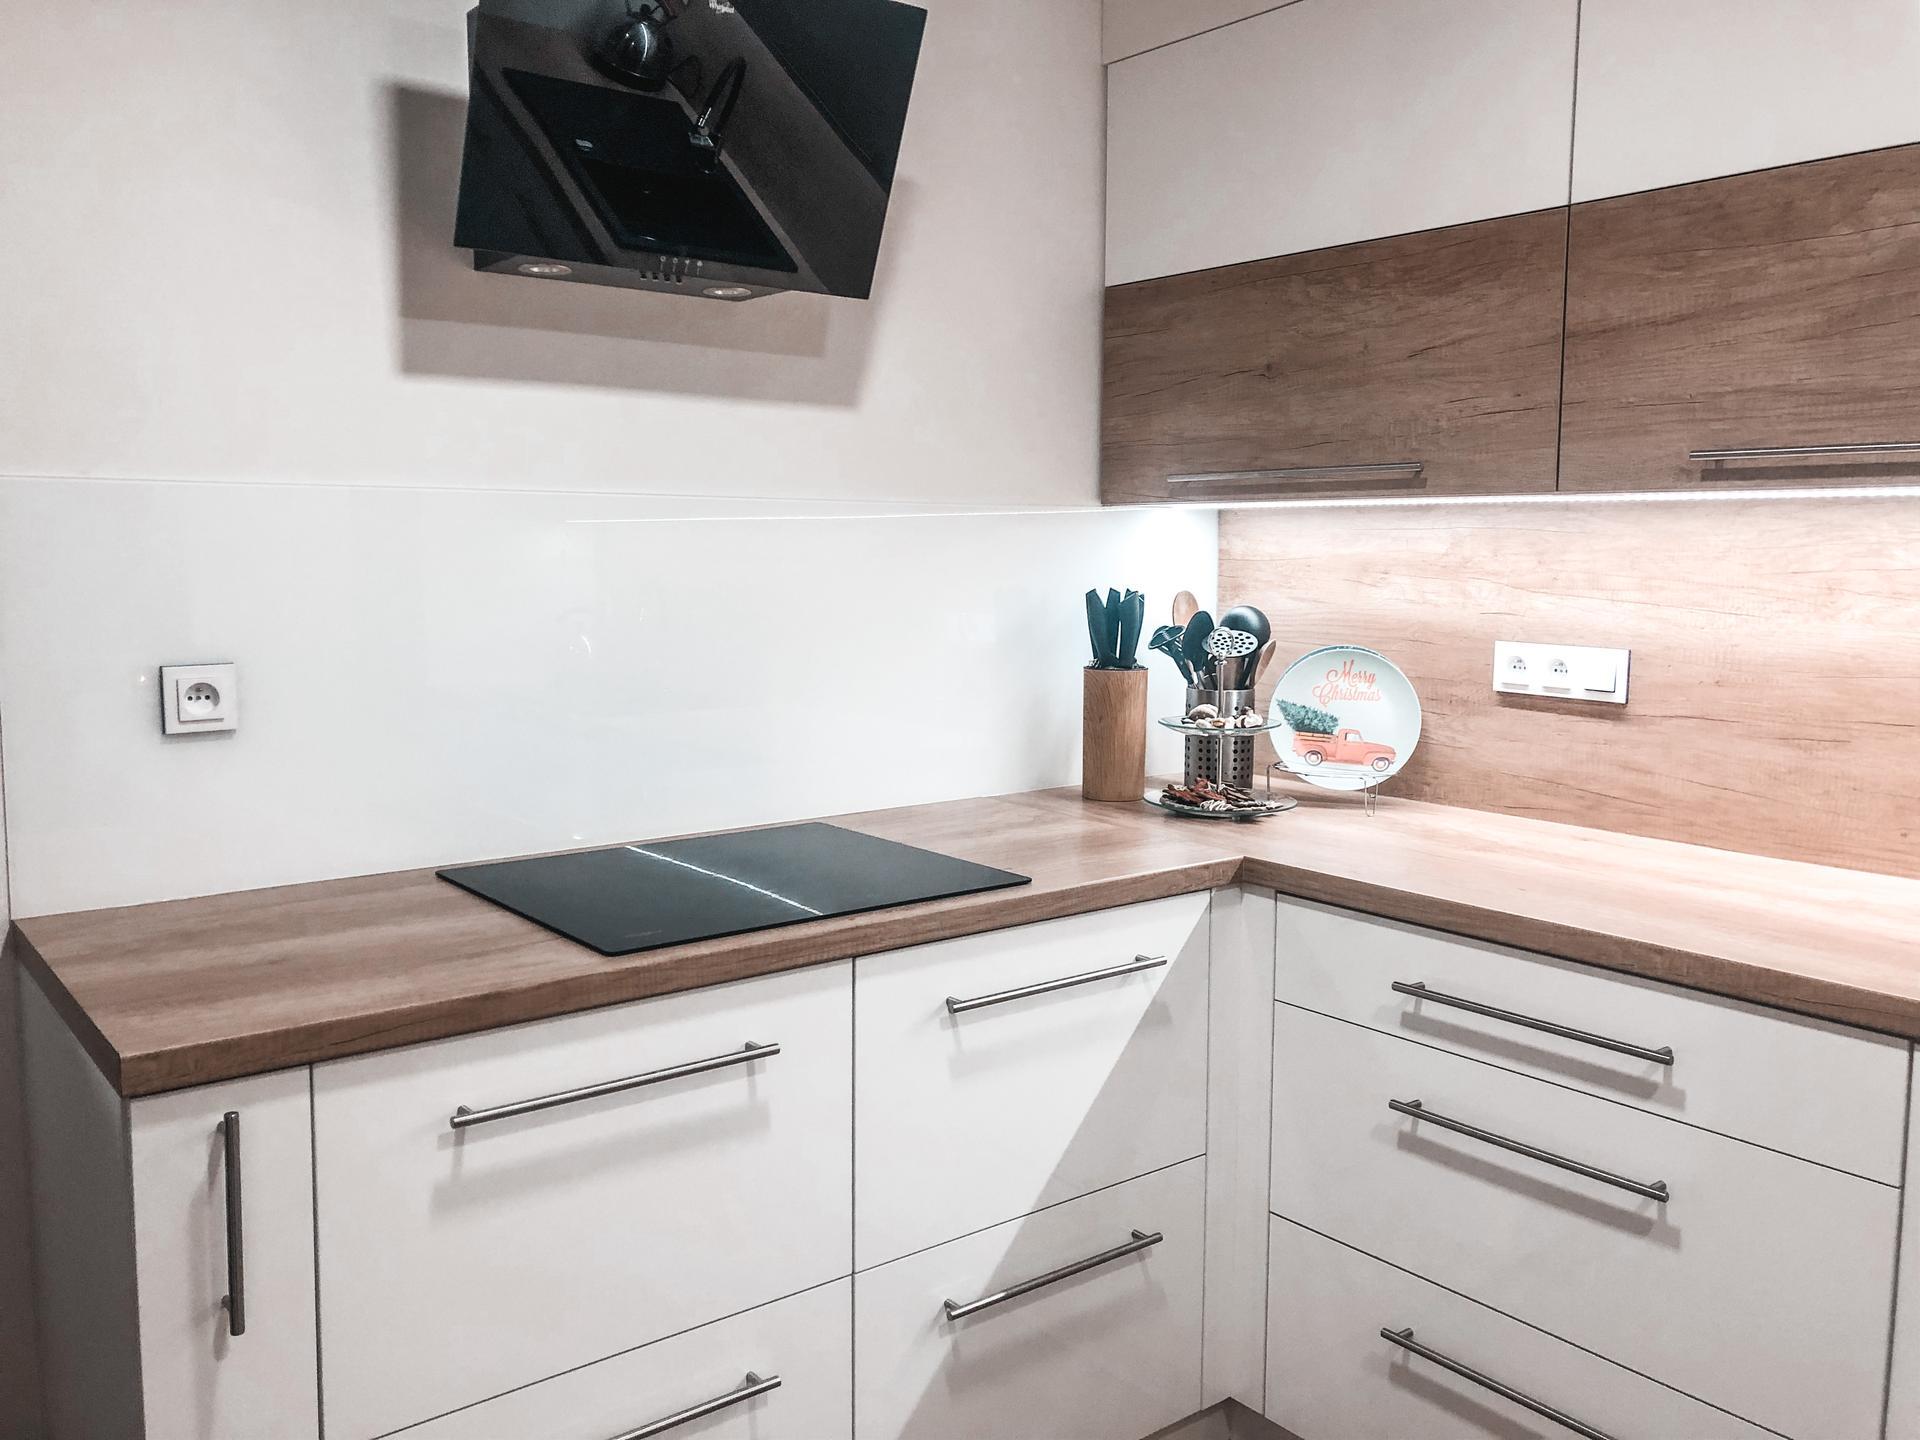 Kuchyně - Obrázek č. 33